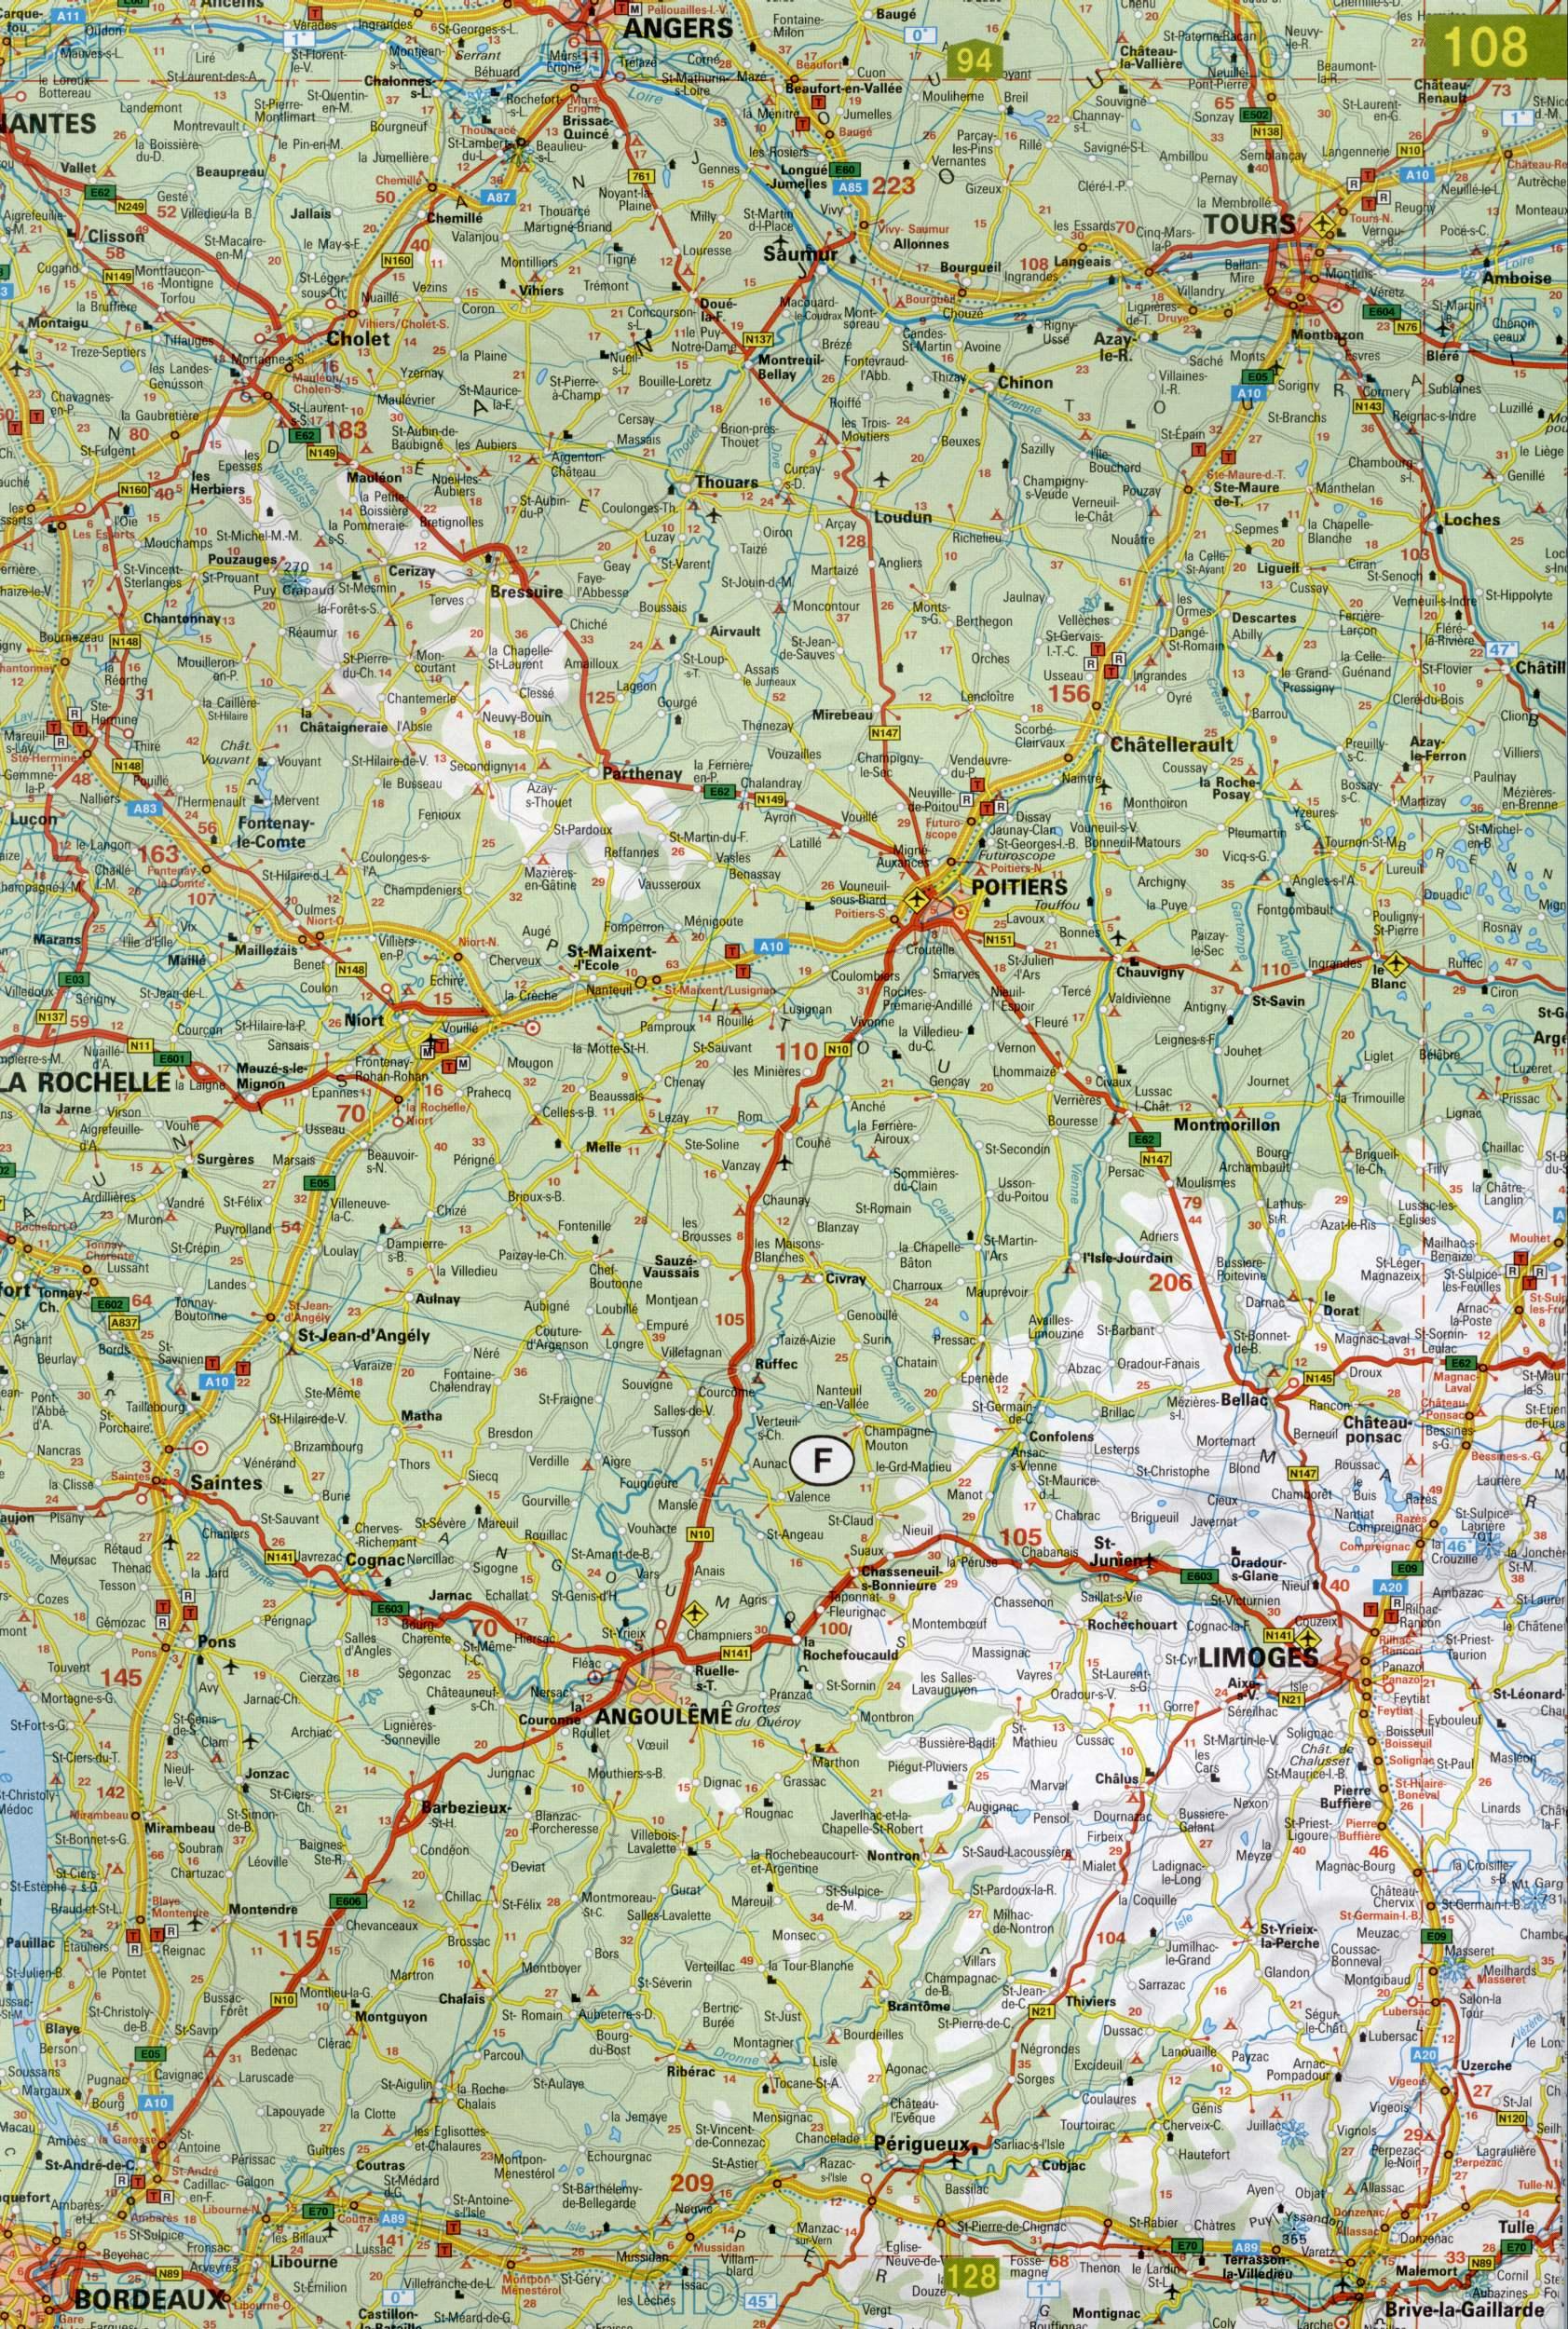 Карта европы большая подробная карта